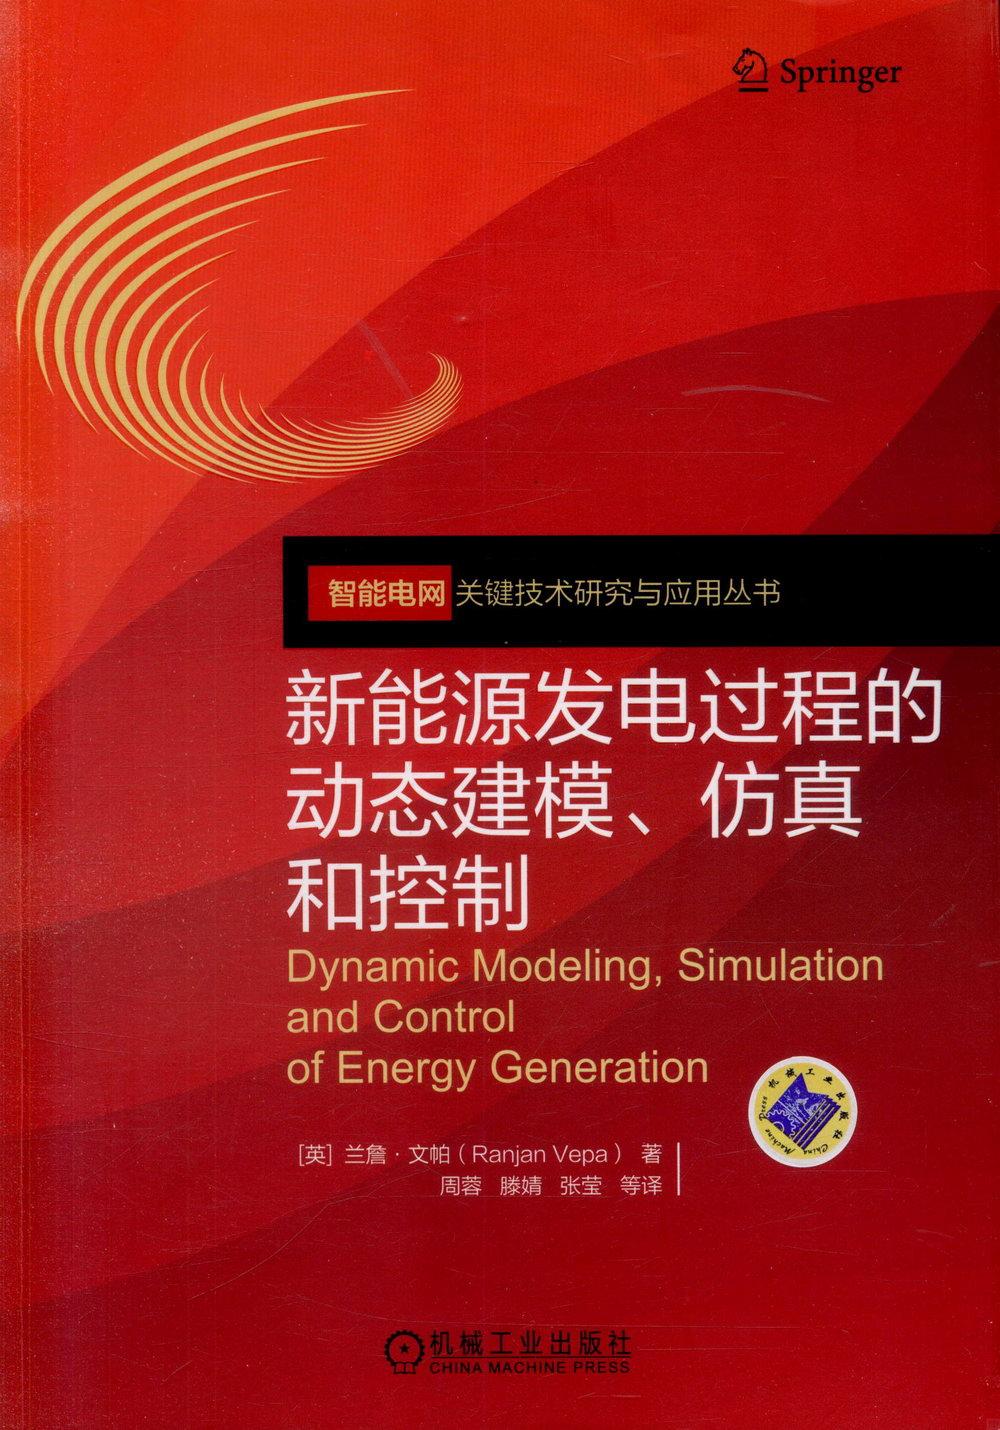 新能源發電過程的動態建模、模擬和控制